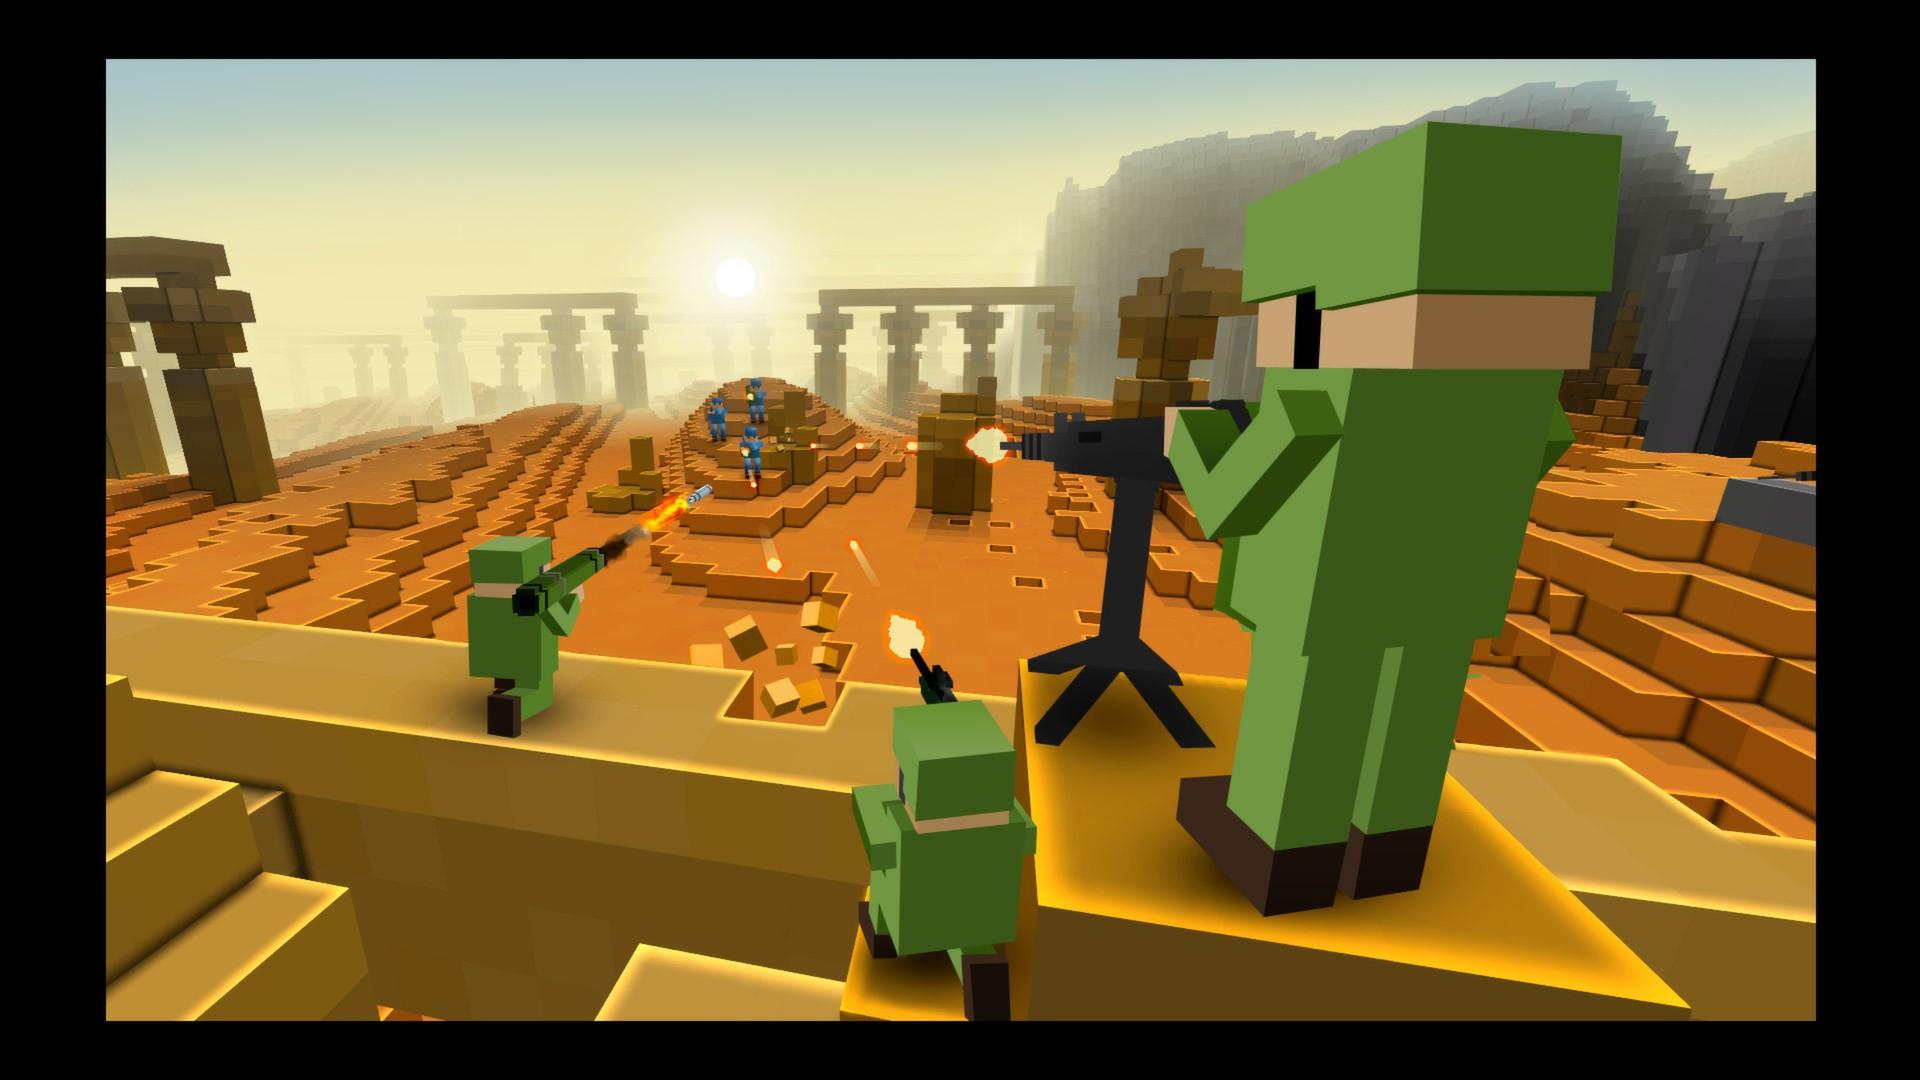 jeux de vie virtuelle 3d gratuit